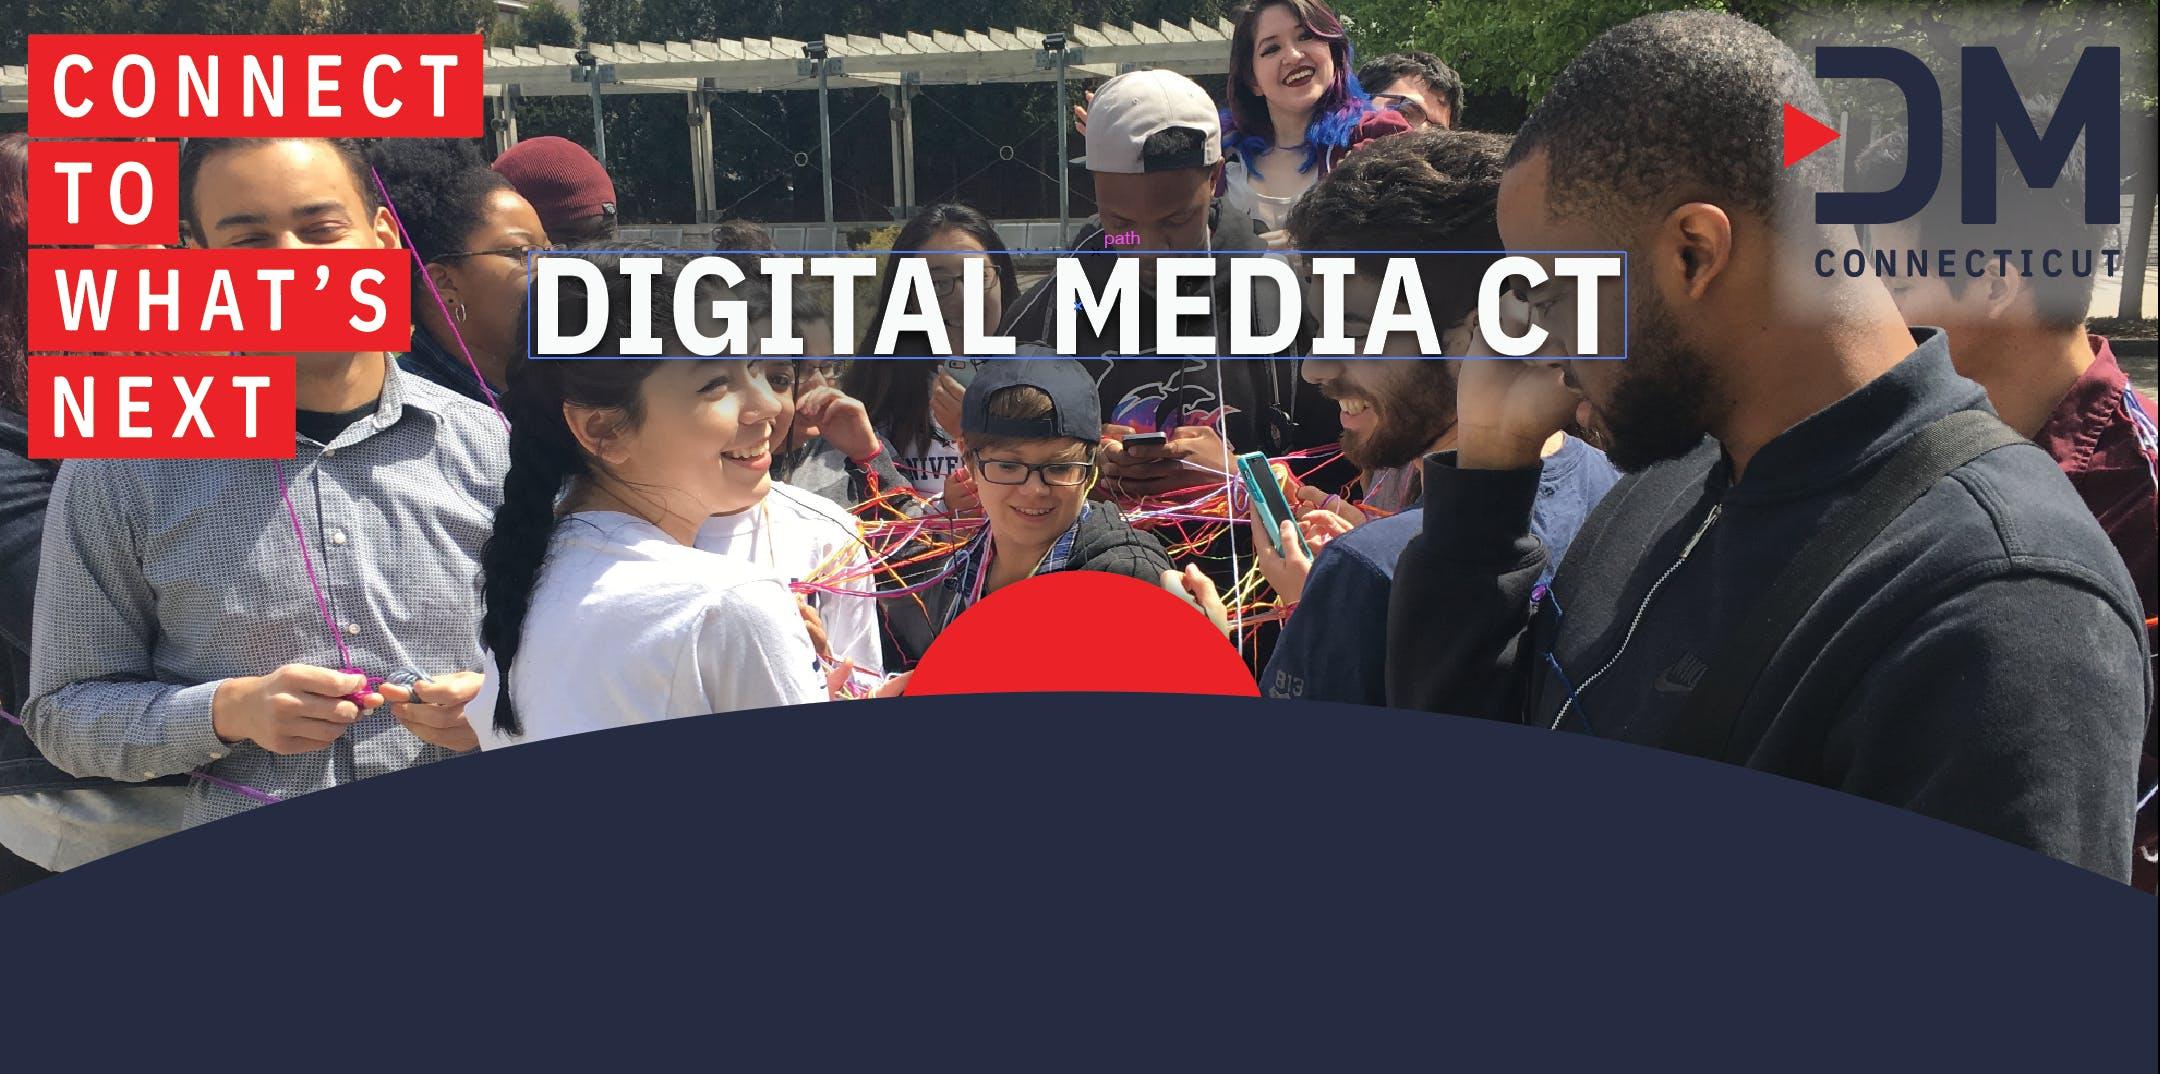 Digital Media CT Kickoff